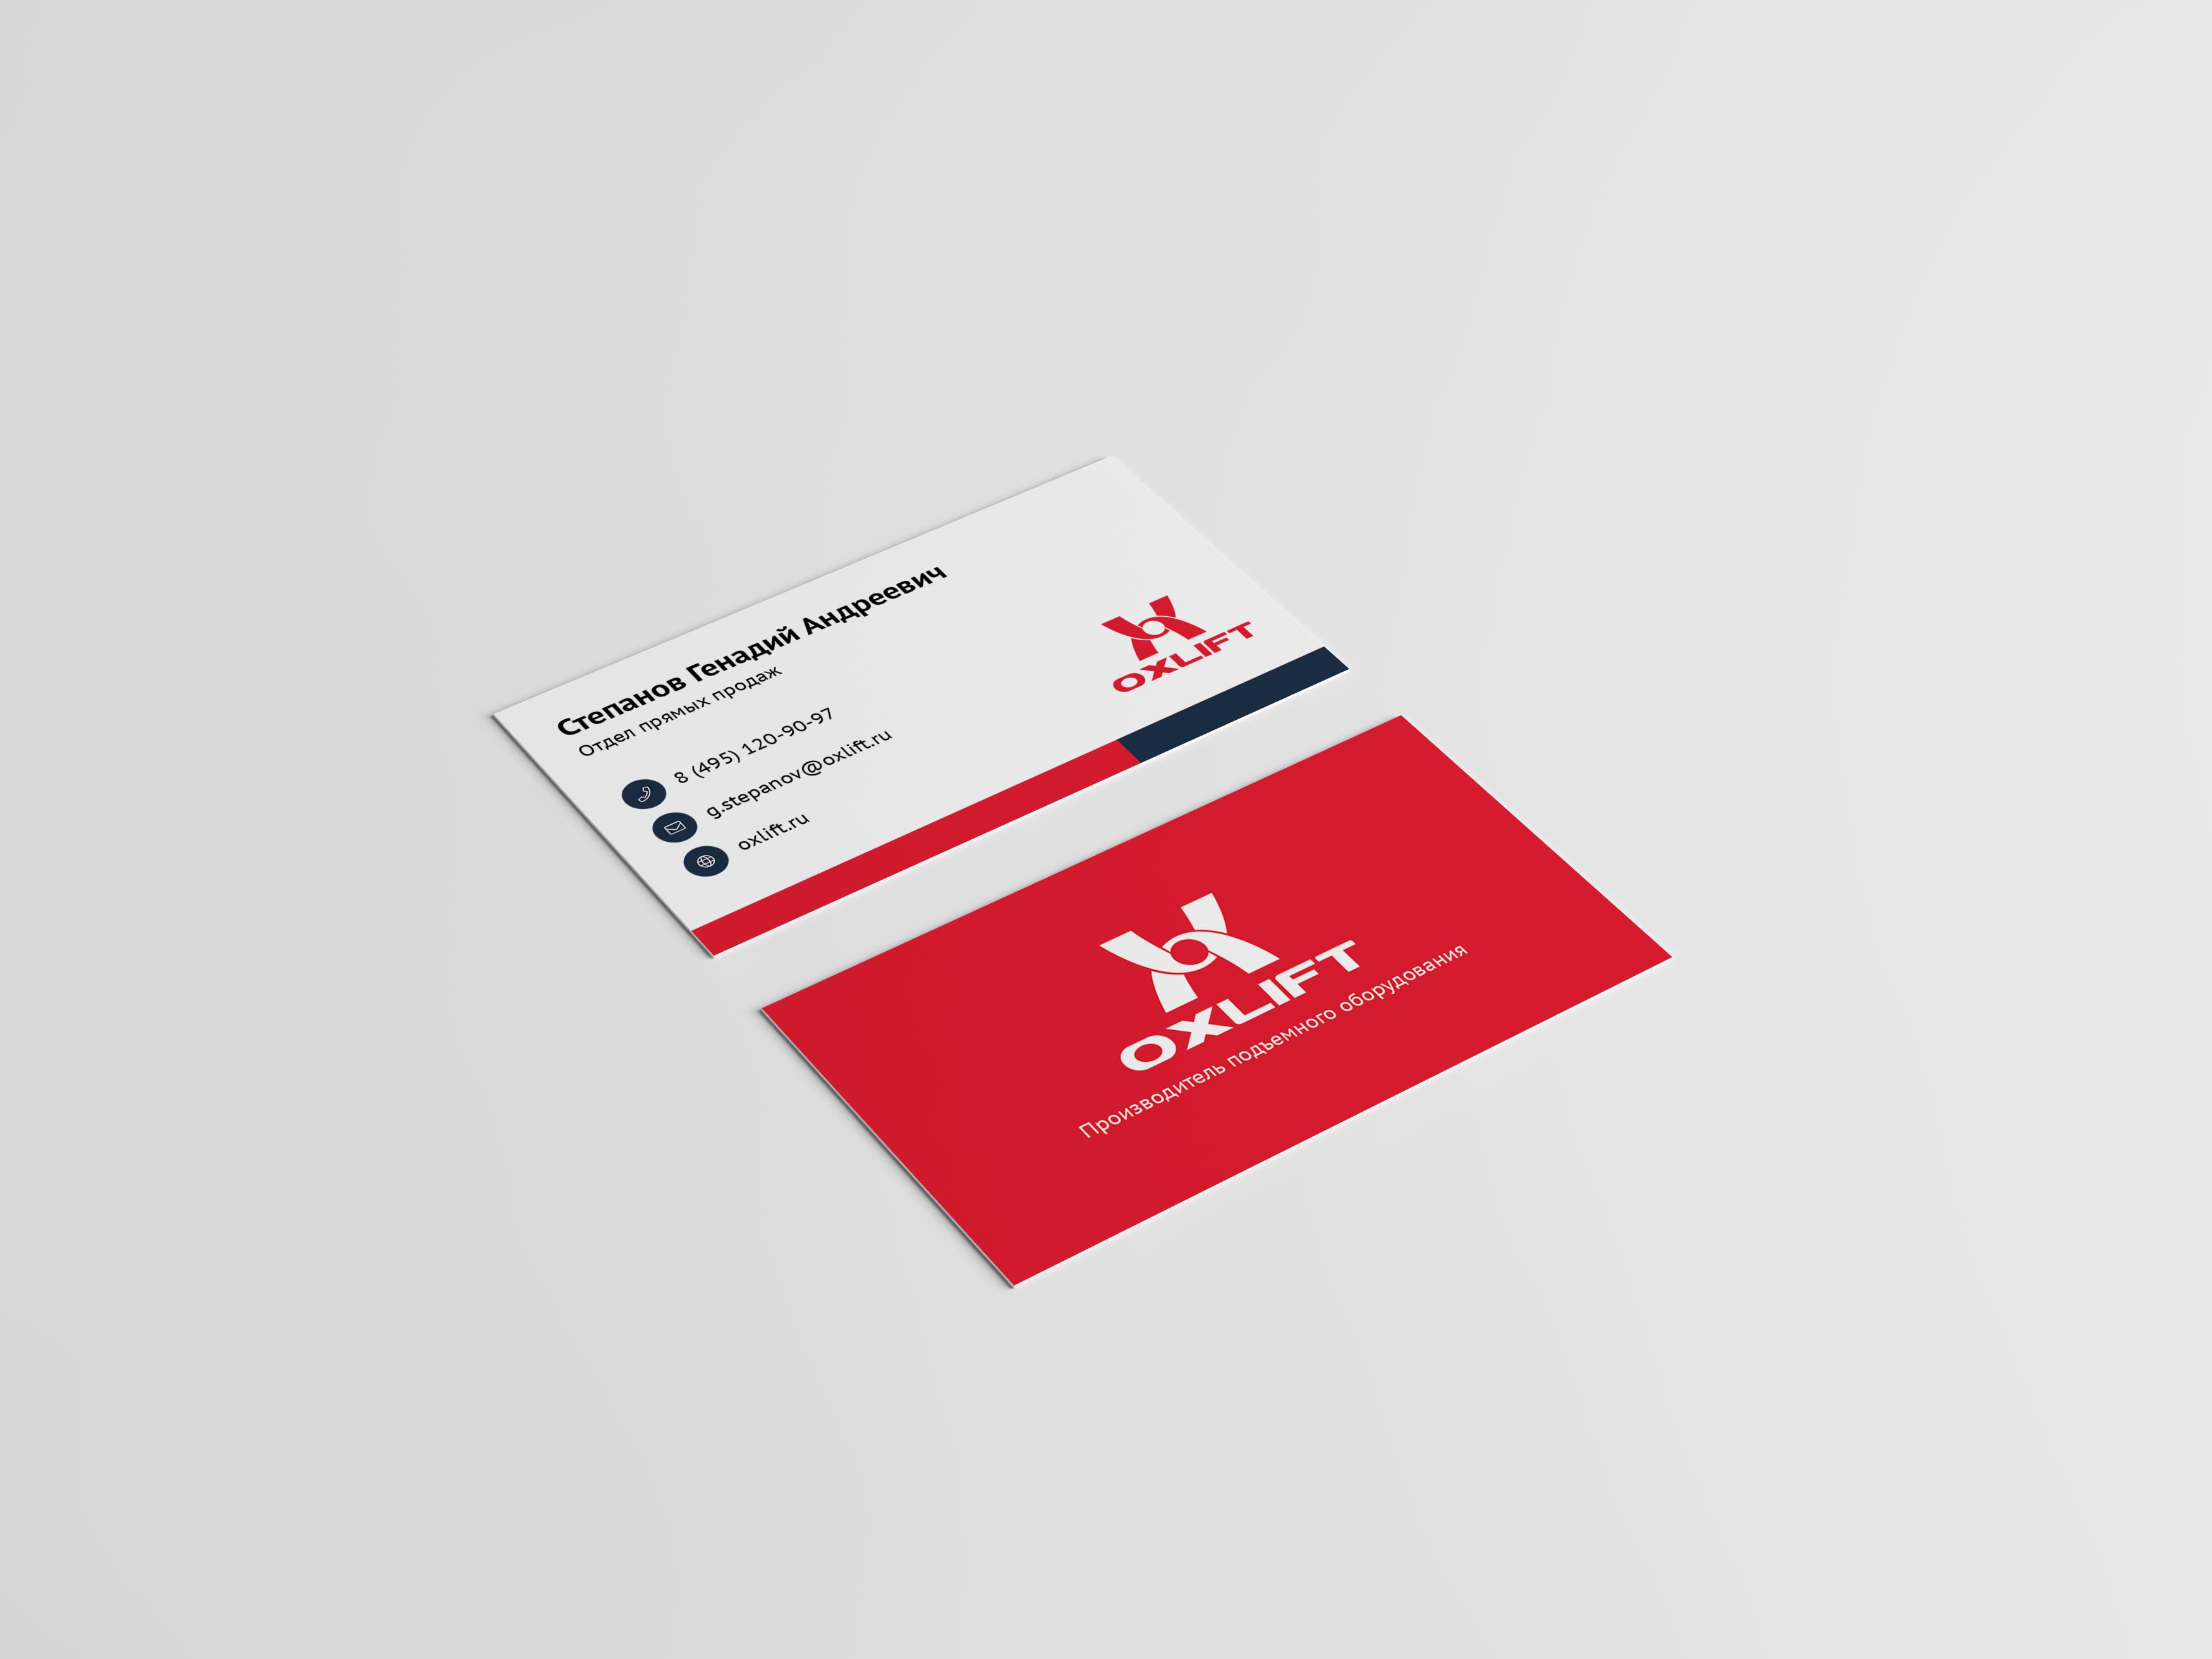 Дизайн визитки и сертификата фото f_815600ff884c8aff.jpg